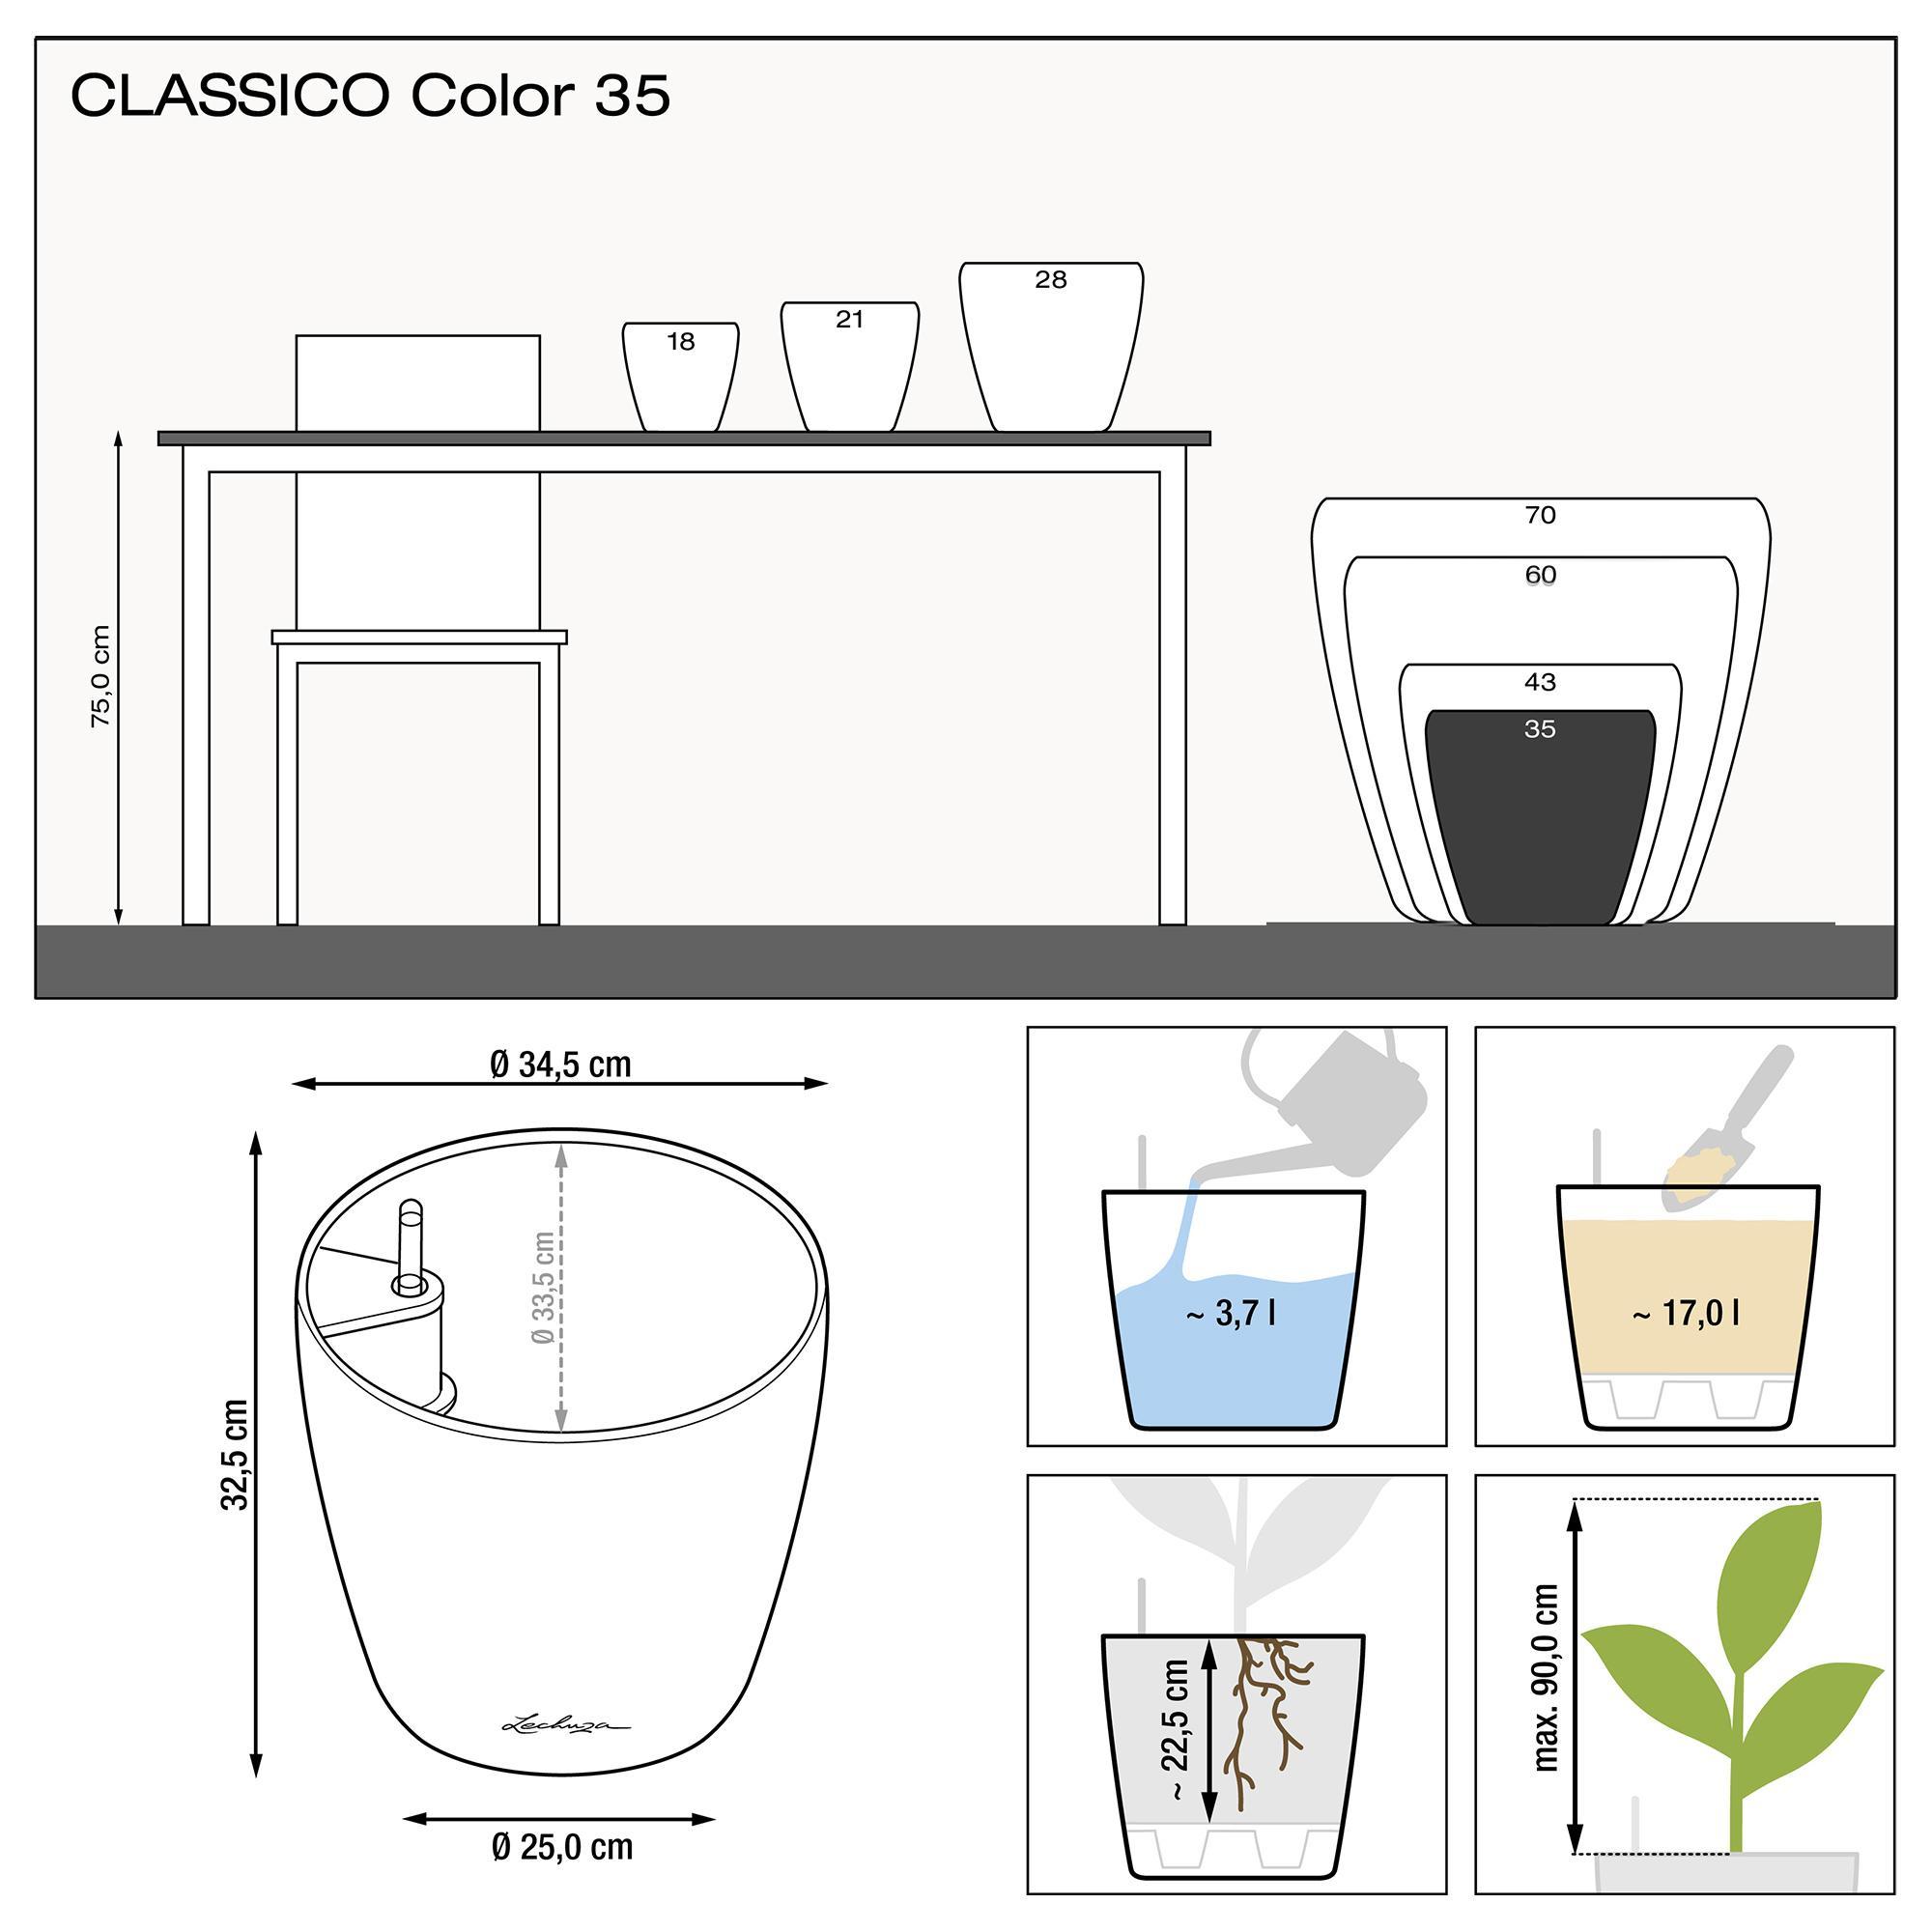 CLASSICO Color 35 white - Image 2